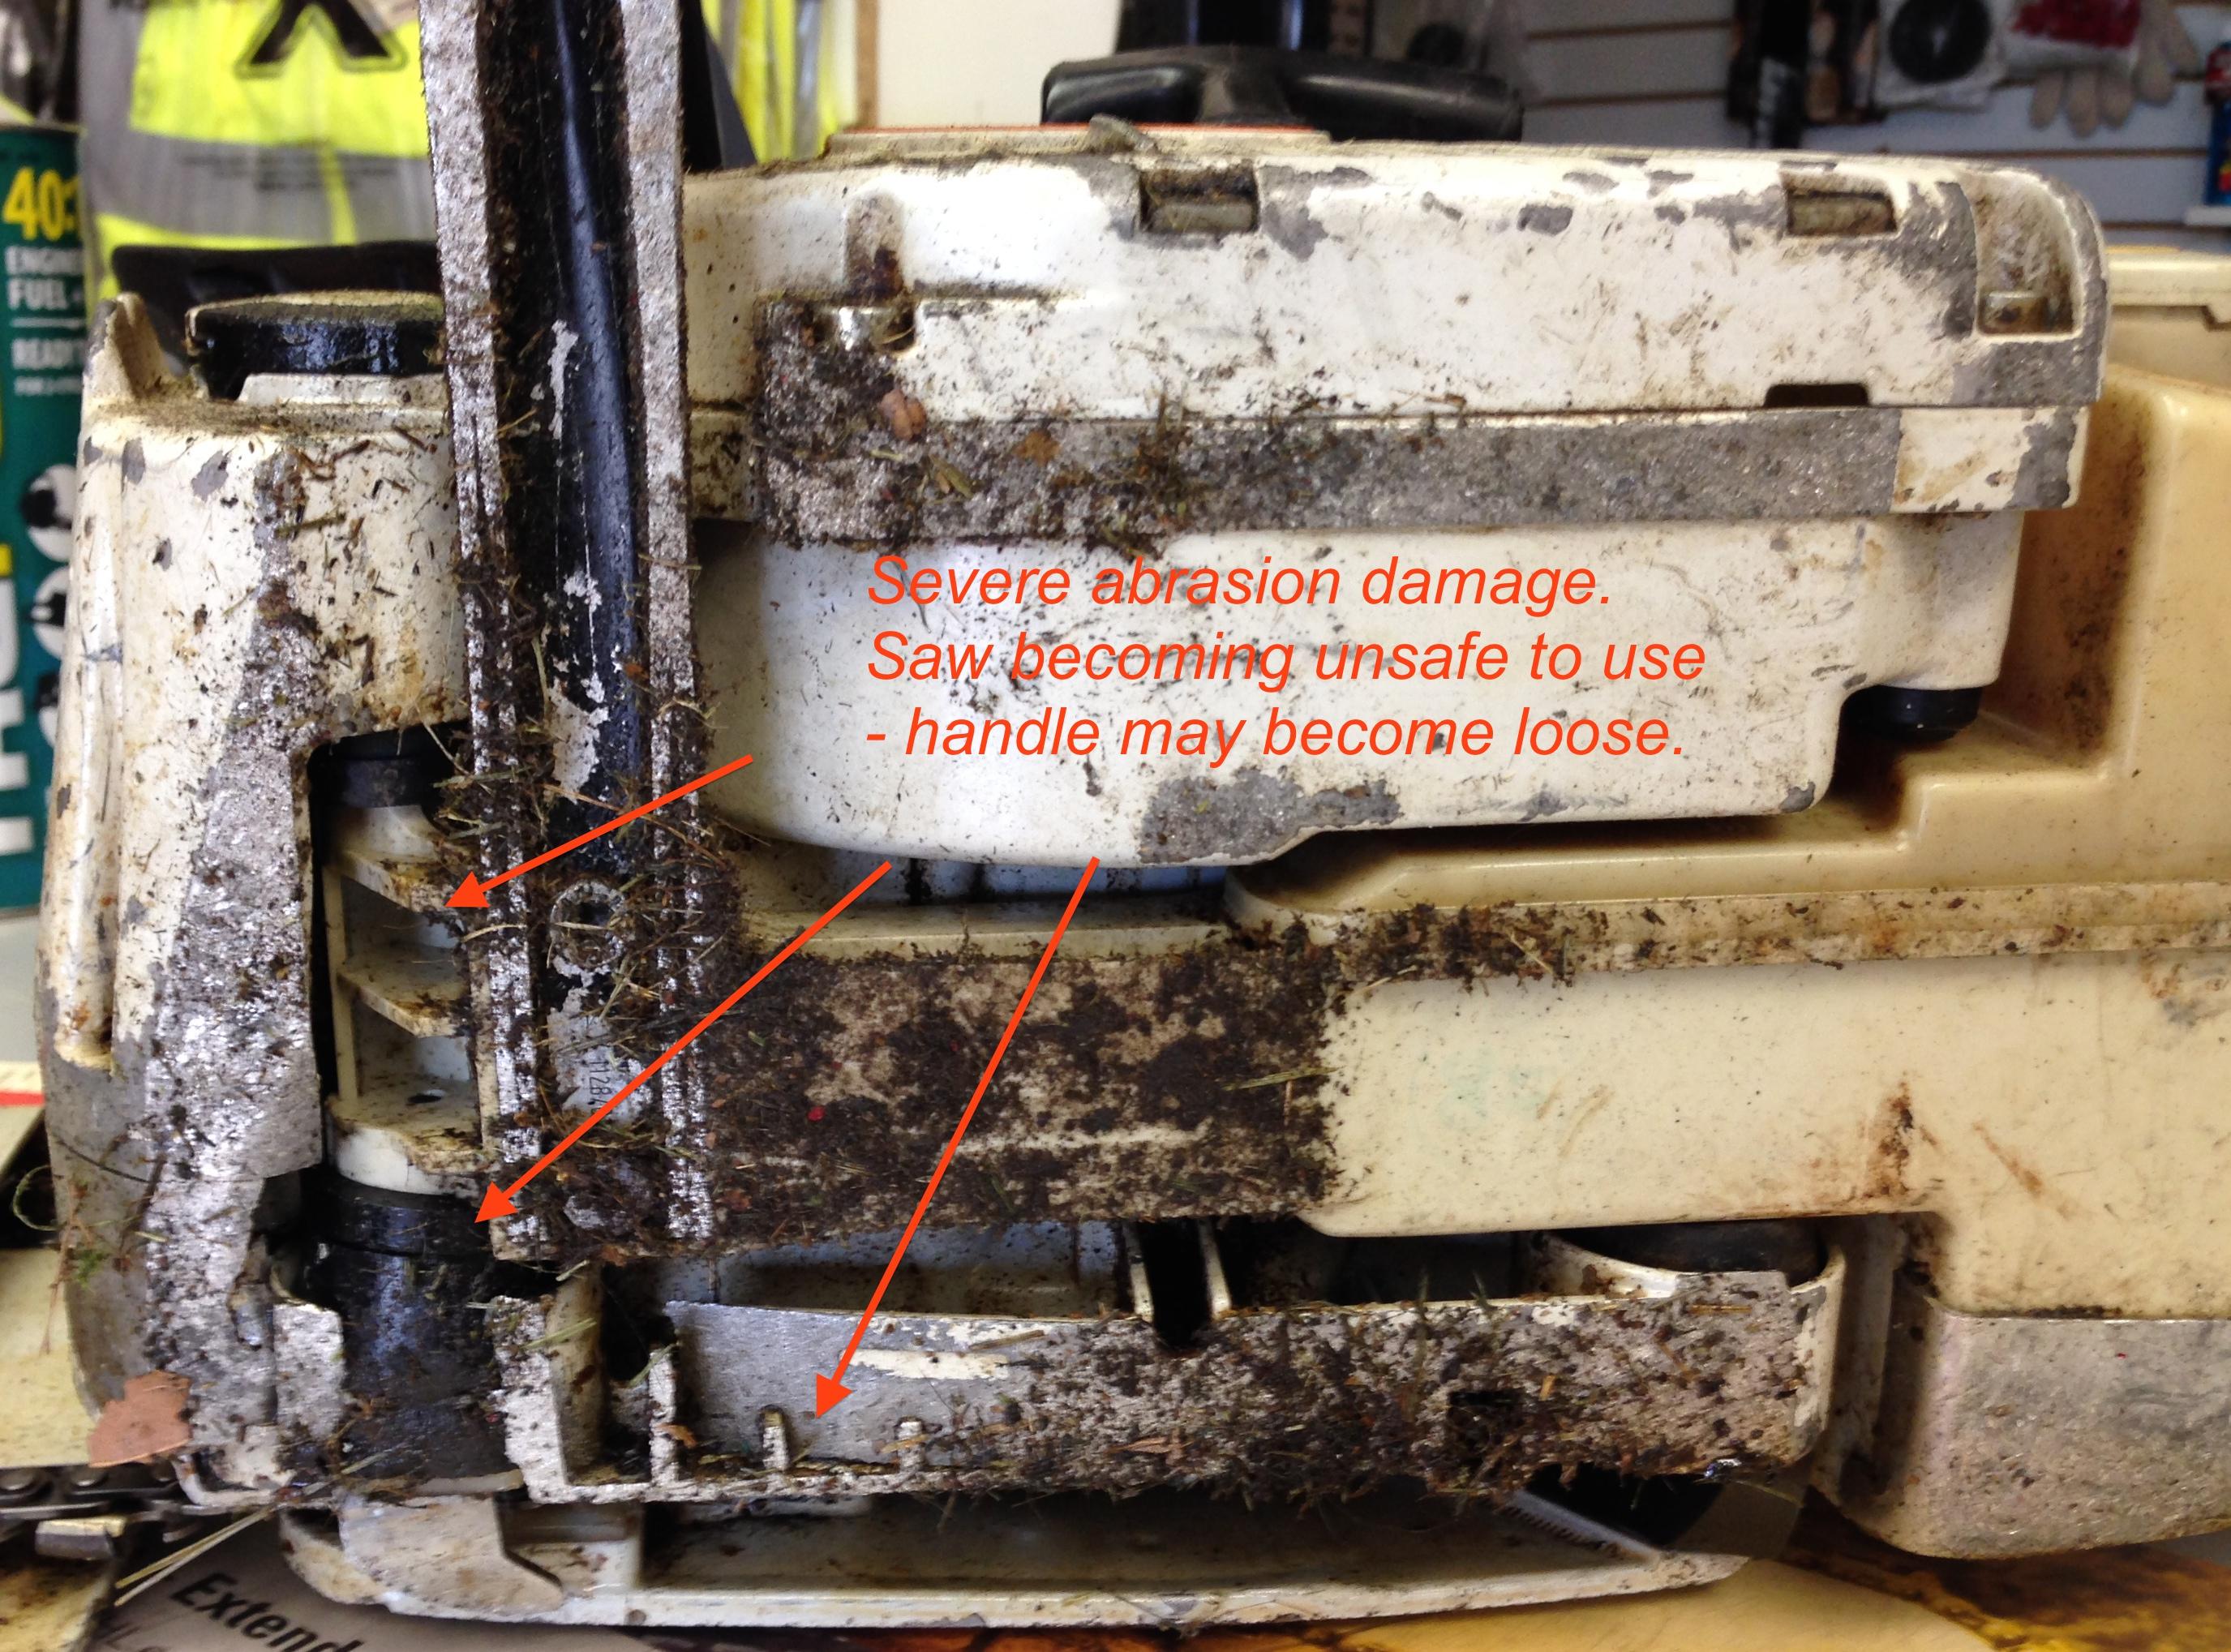 damaged-saw-underneath.jpg